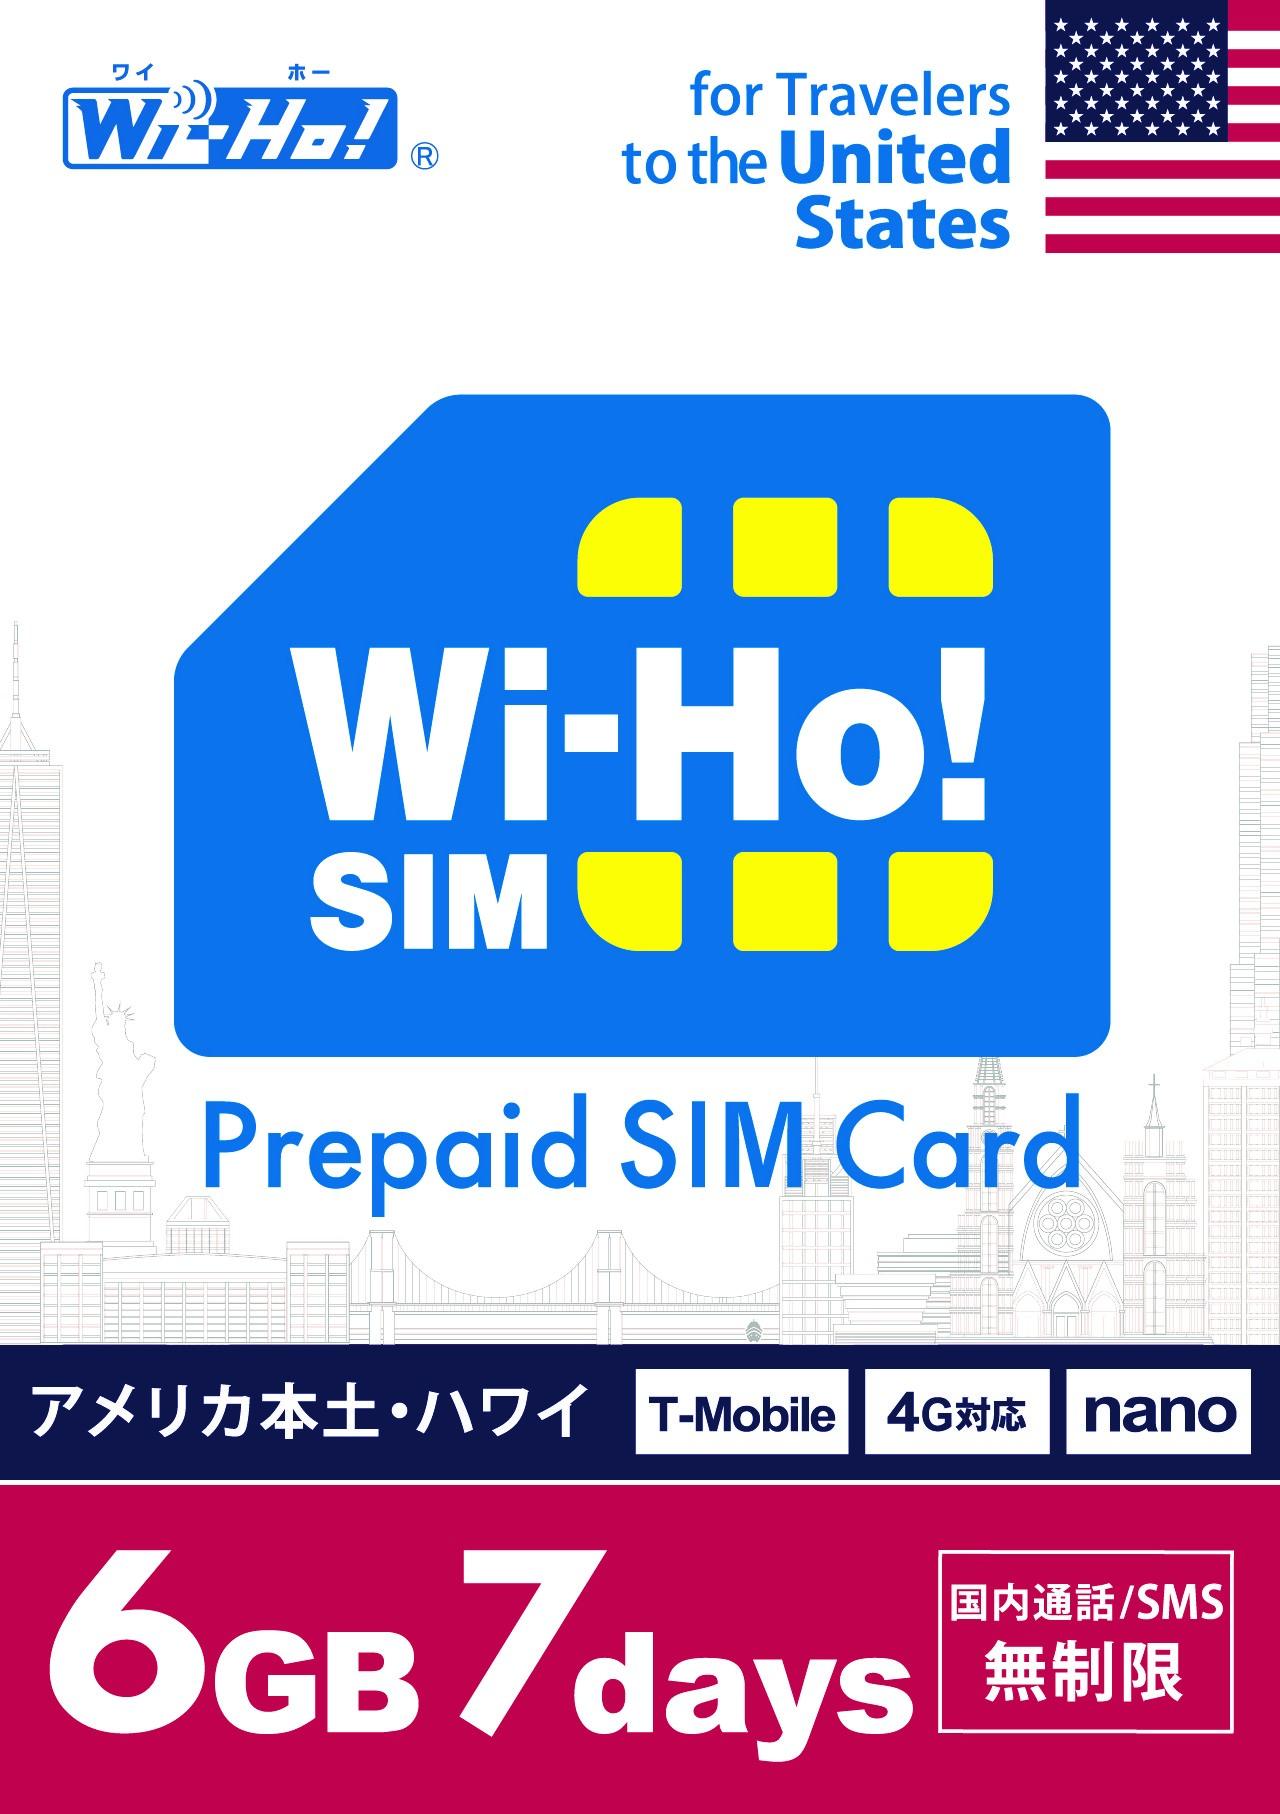 テレコムスクエア、欧州周遊SIMカードなど販売開始、アメリカ・ハワイ向けでも